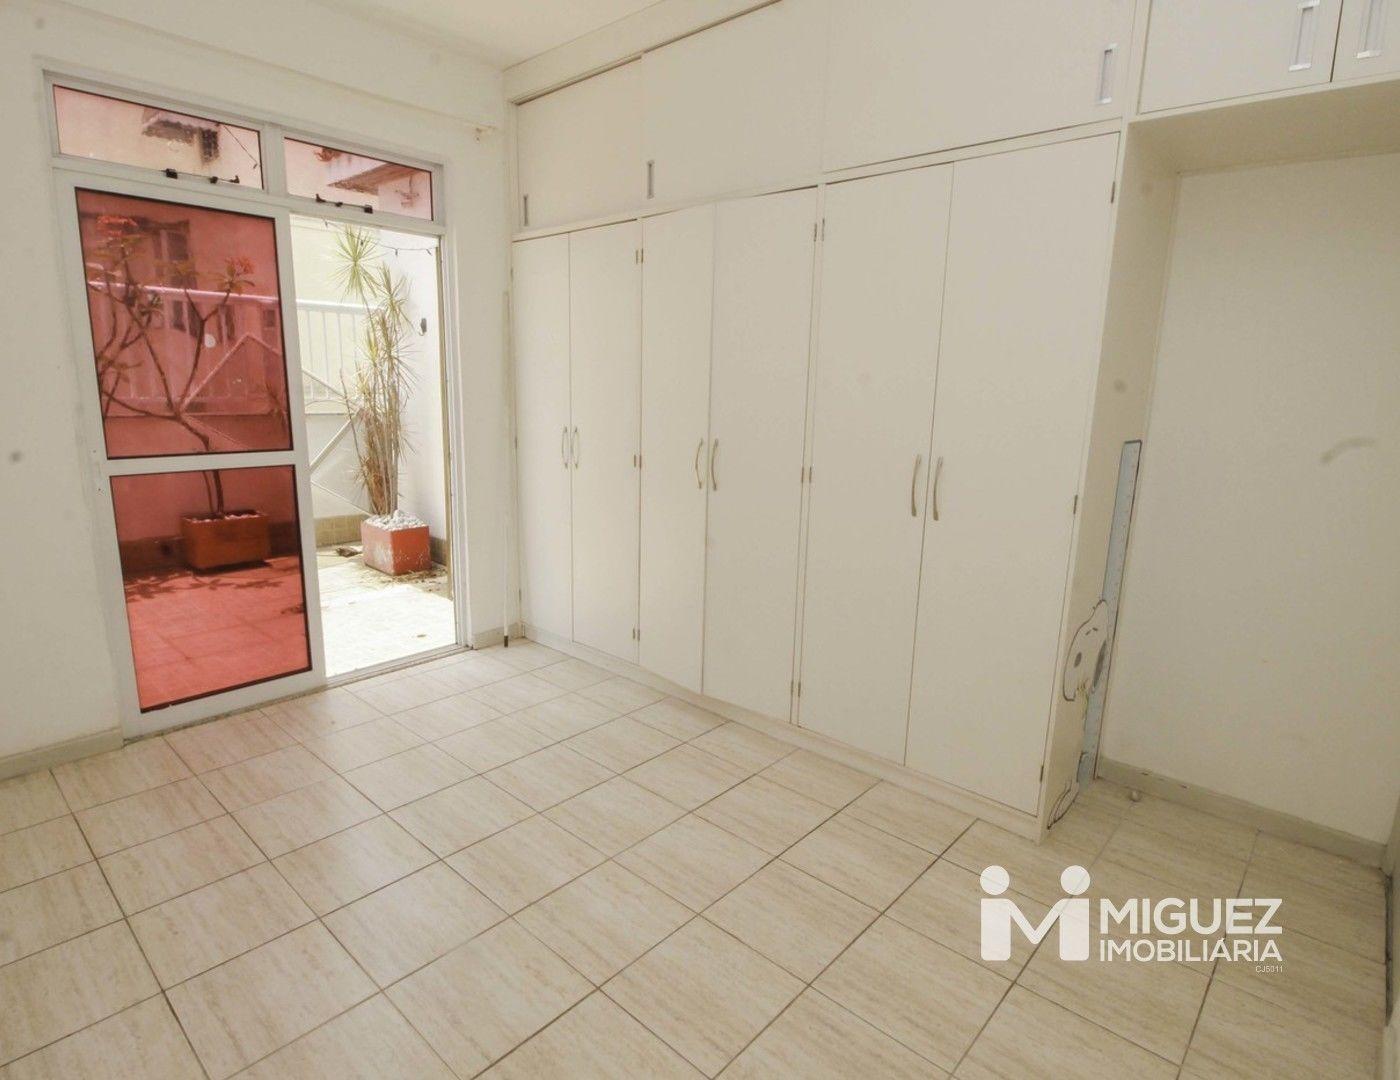 Cobertura, aluguel, Rua Barão de Itaipu - Andaraí , Rio de janeiro